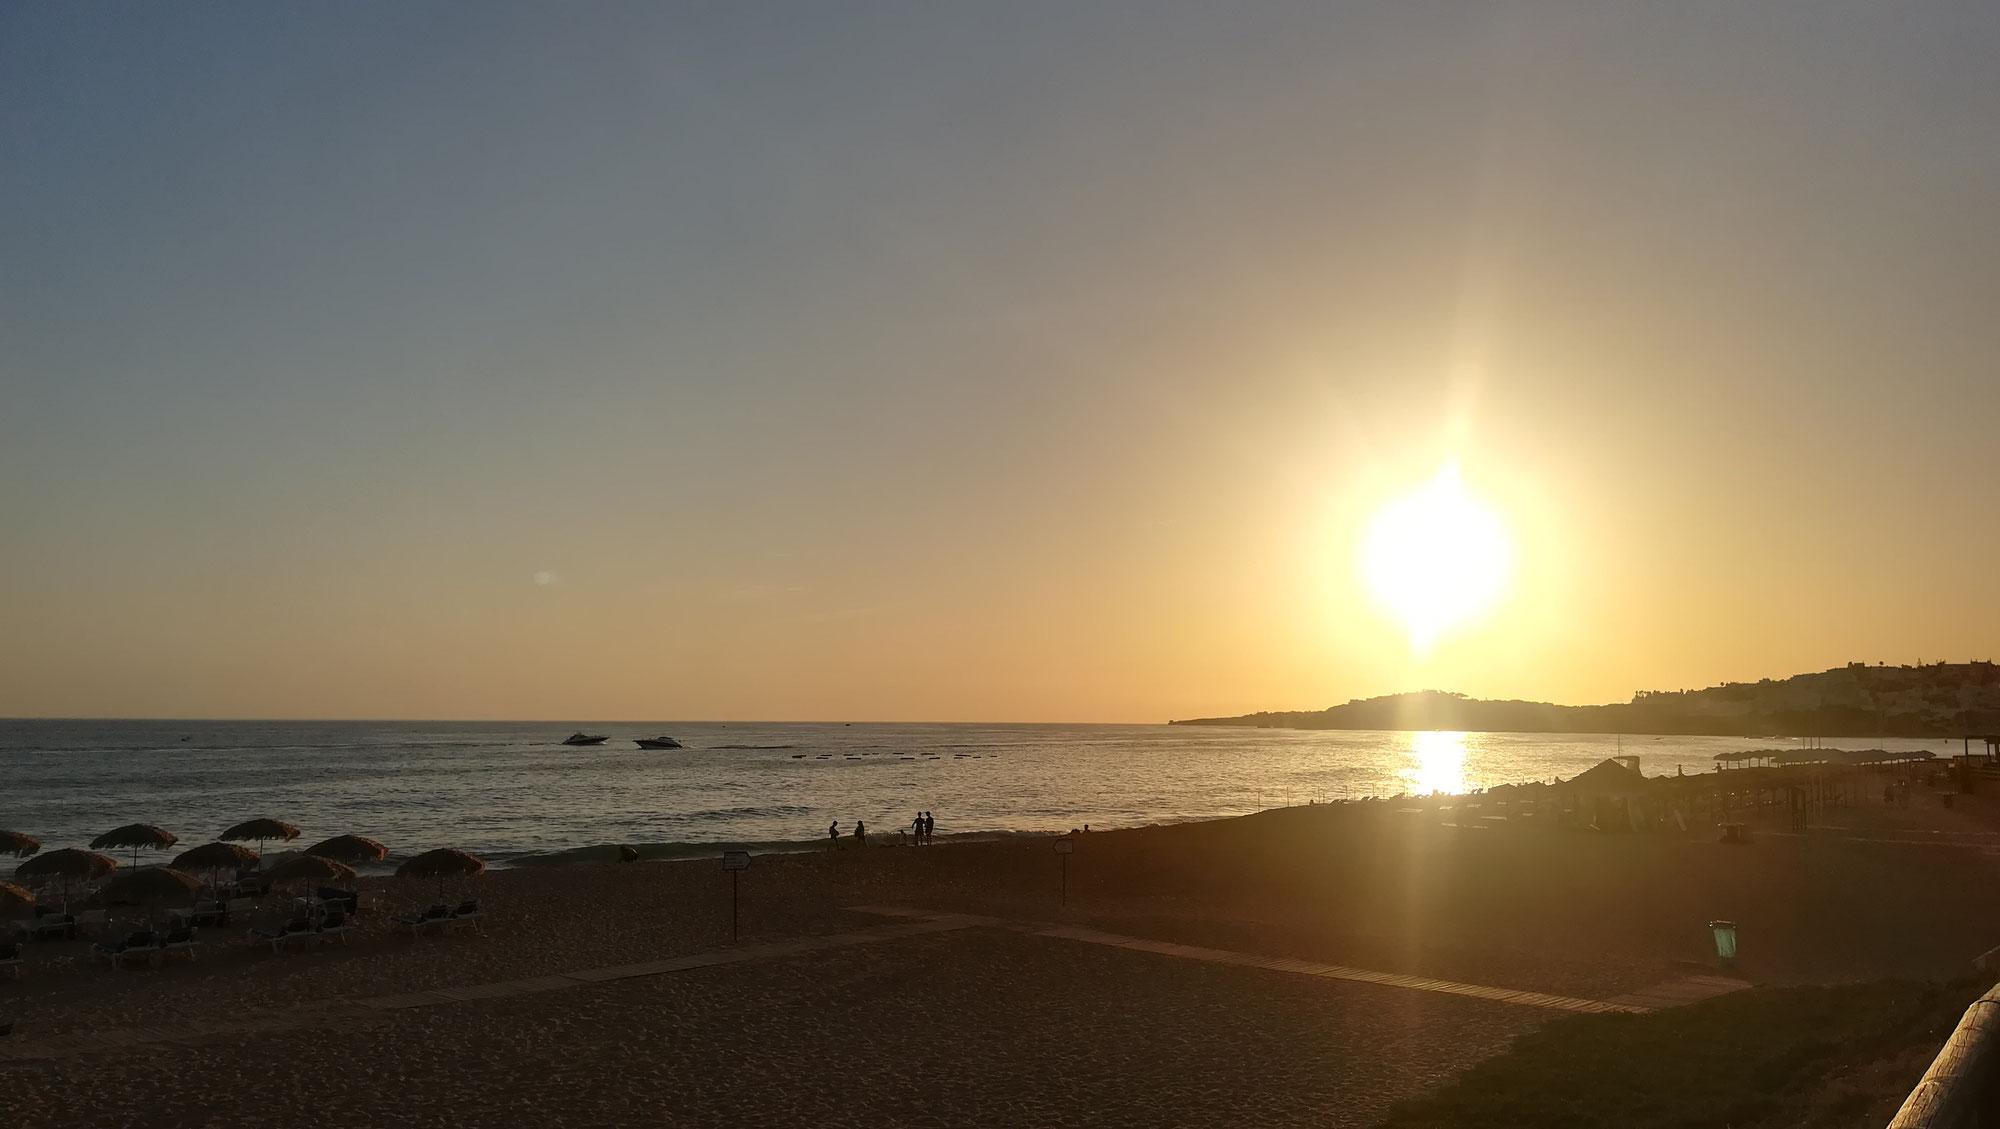 Reiseziel Algarve – Pauschalreise, Roadtrip oder Familienurlaub?